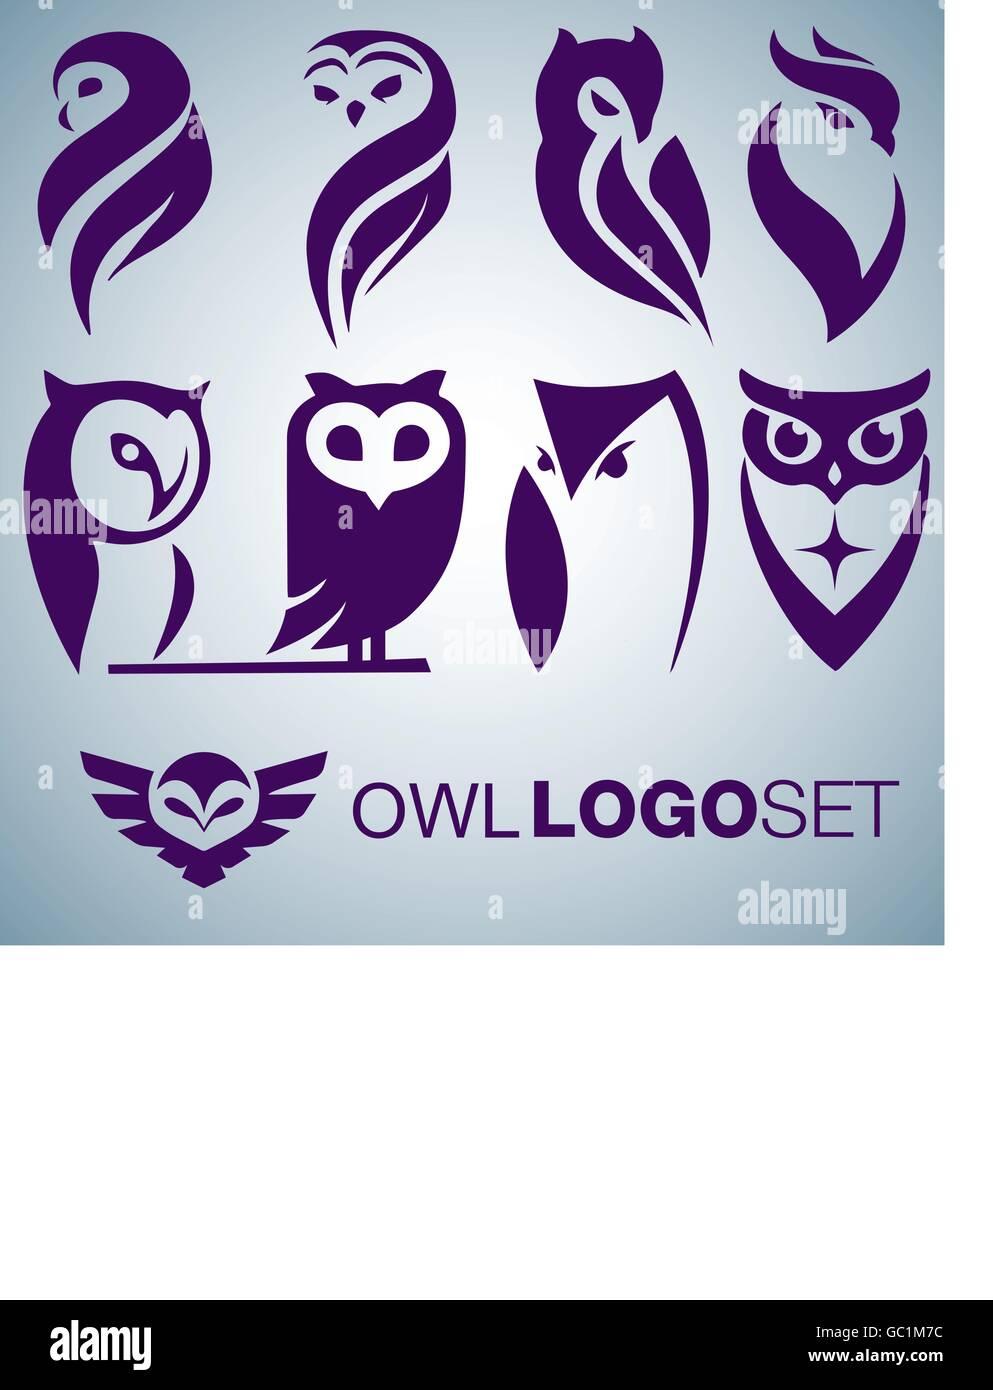 La Chouette Symbole logo chouette concept jeu conçu, de façon simple, de sorte qu'il